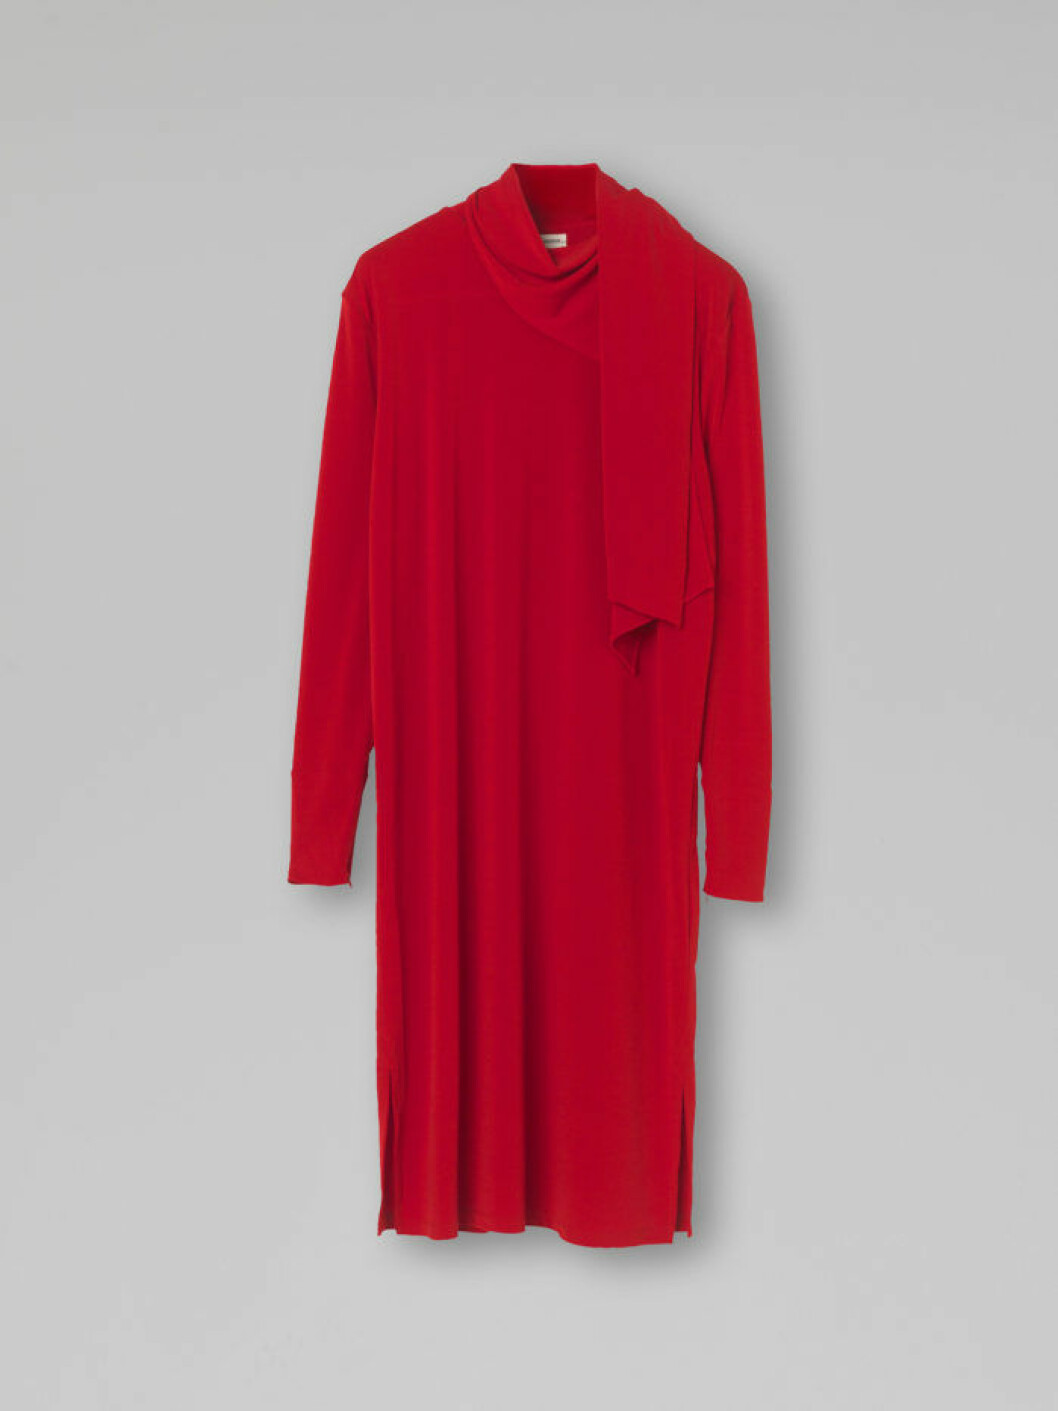 röd klänning i rak form med elegant band i halsen från Malene Birger